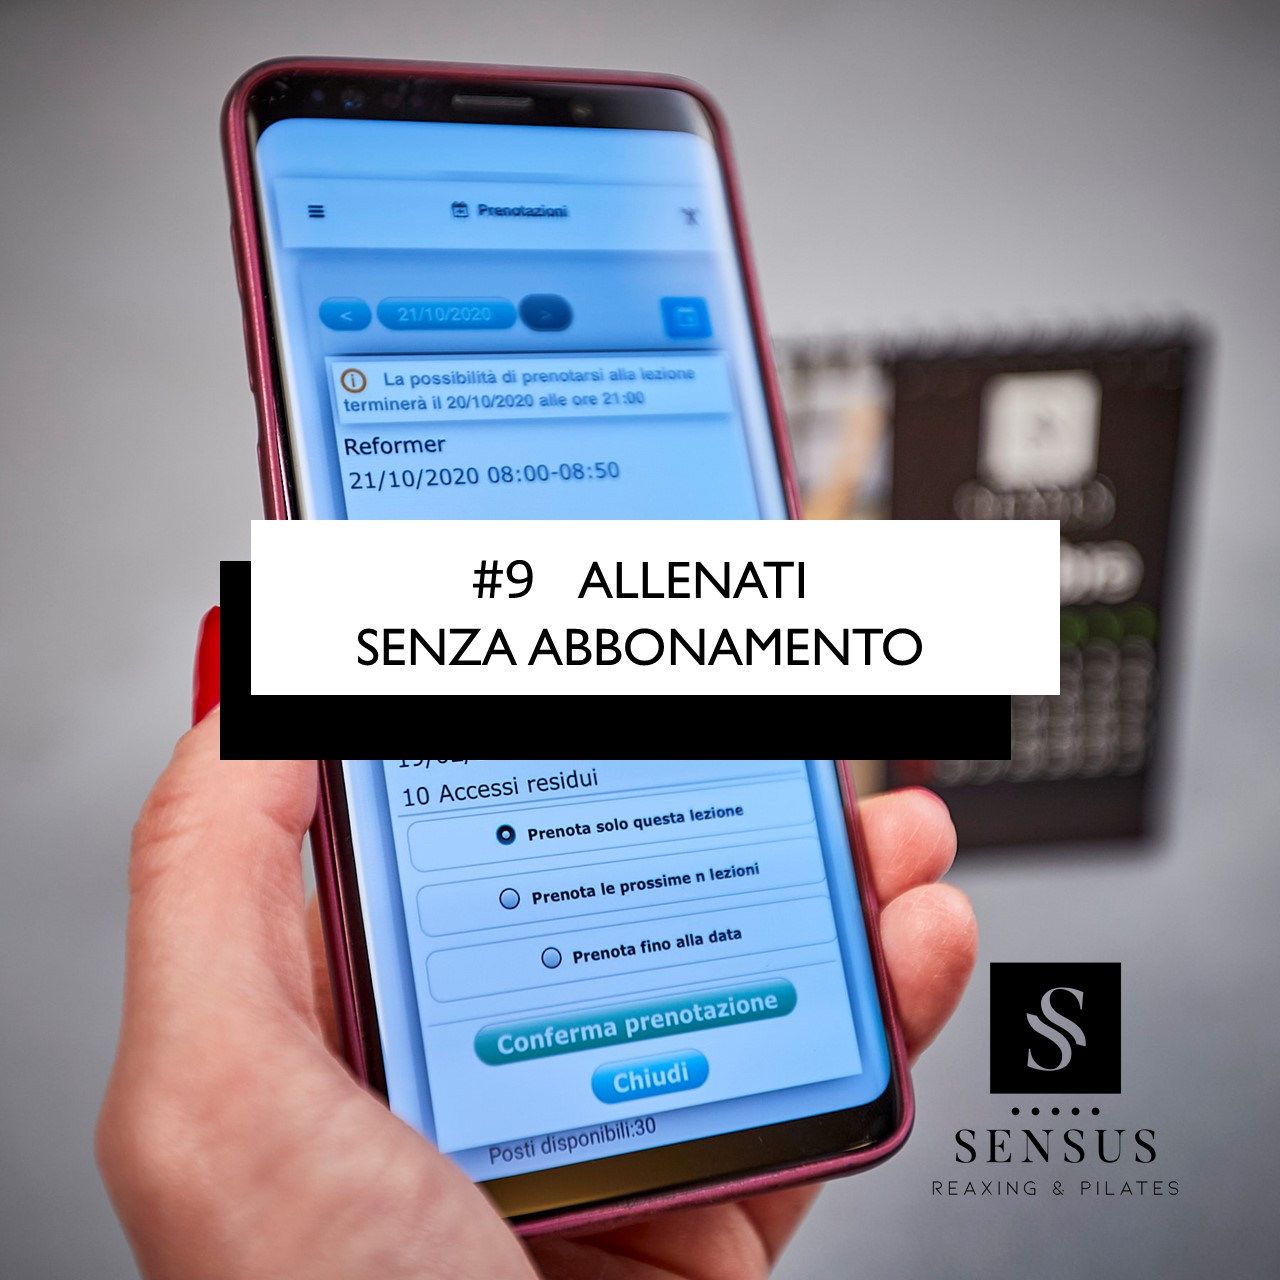 #9 ALLENATI SENZA ABBONAMENTO